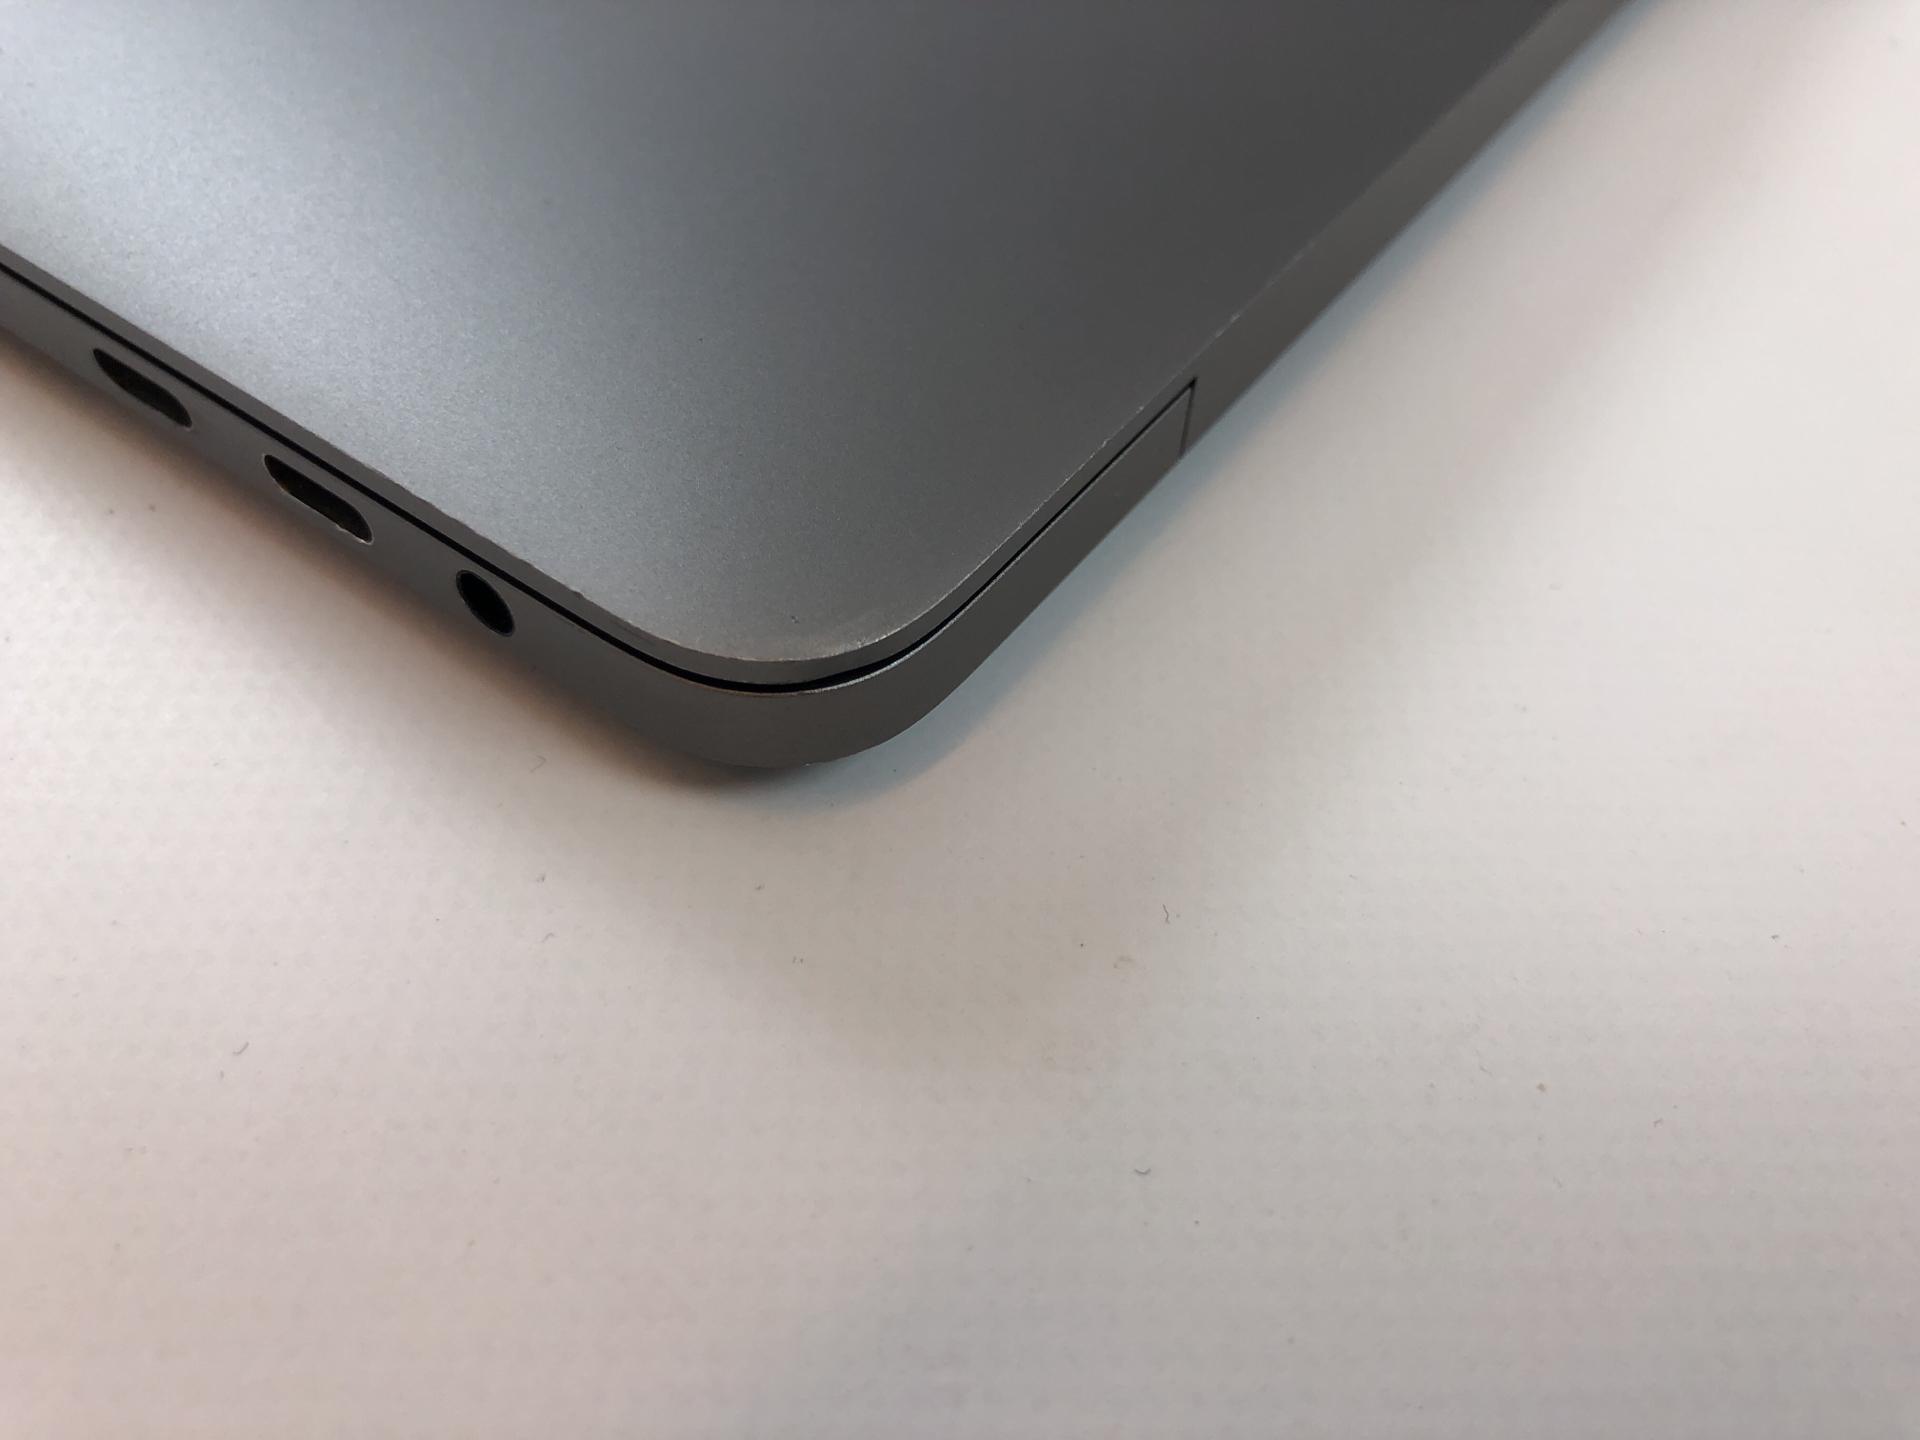 """MacBook Pro 13"""" 4TBT Mid 2017 (Intel Core i5 3.1 GHz 8 GB RAM 256 GB SSD), Space Gray, Intel Core i5 3.1 GHz, 8 GB RAM, 256 GB SSD, bild 3"""